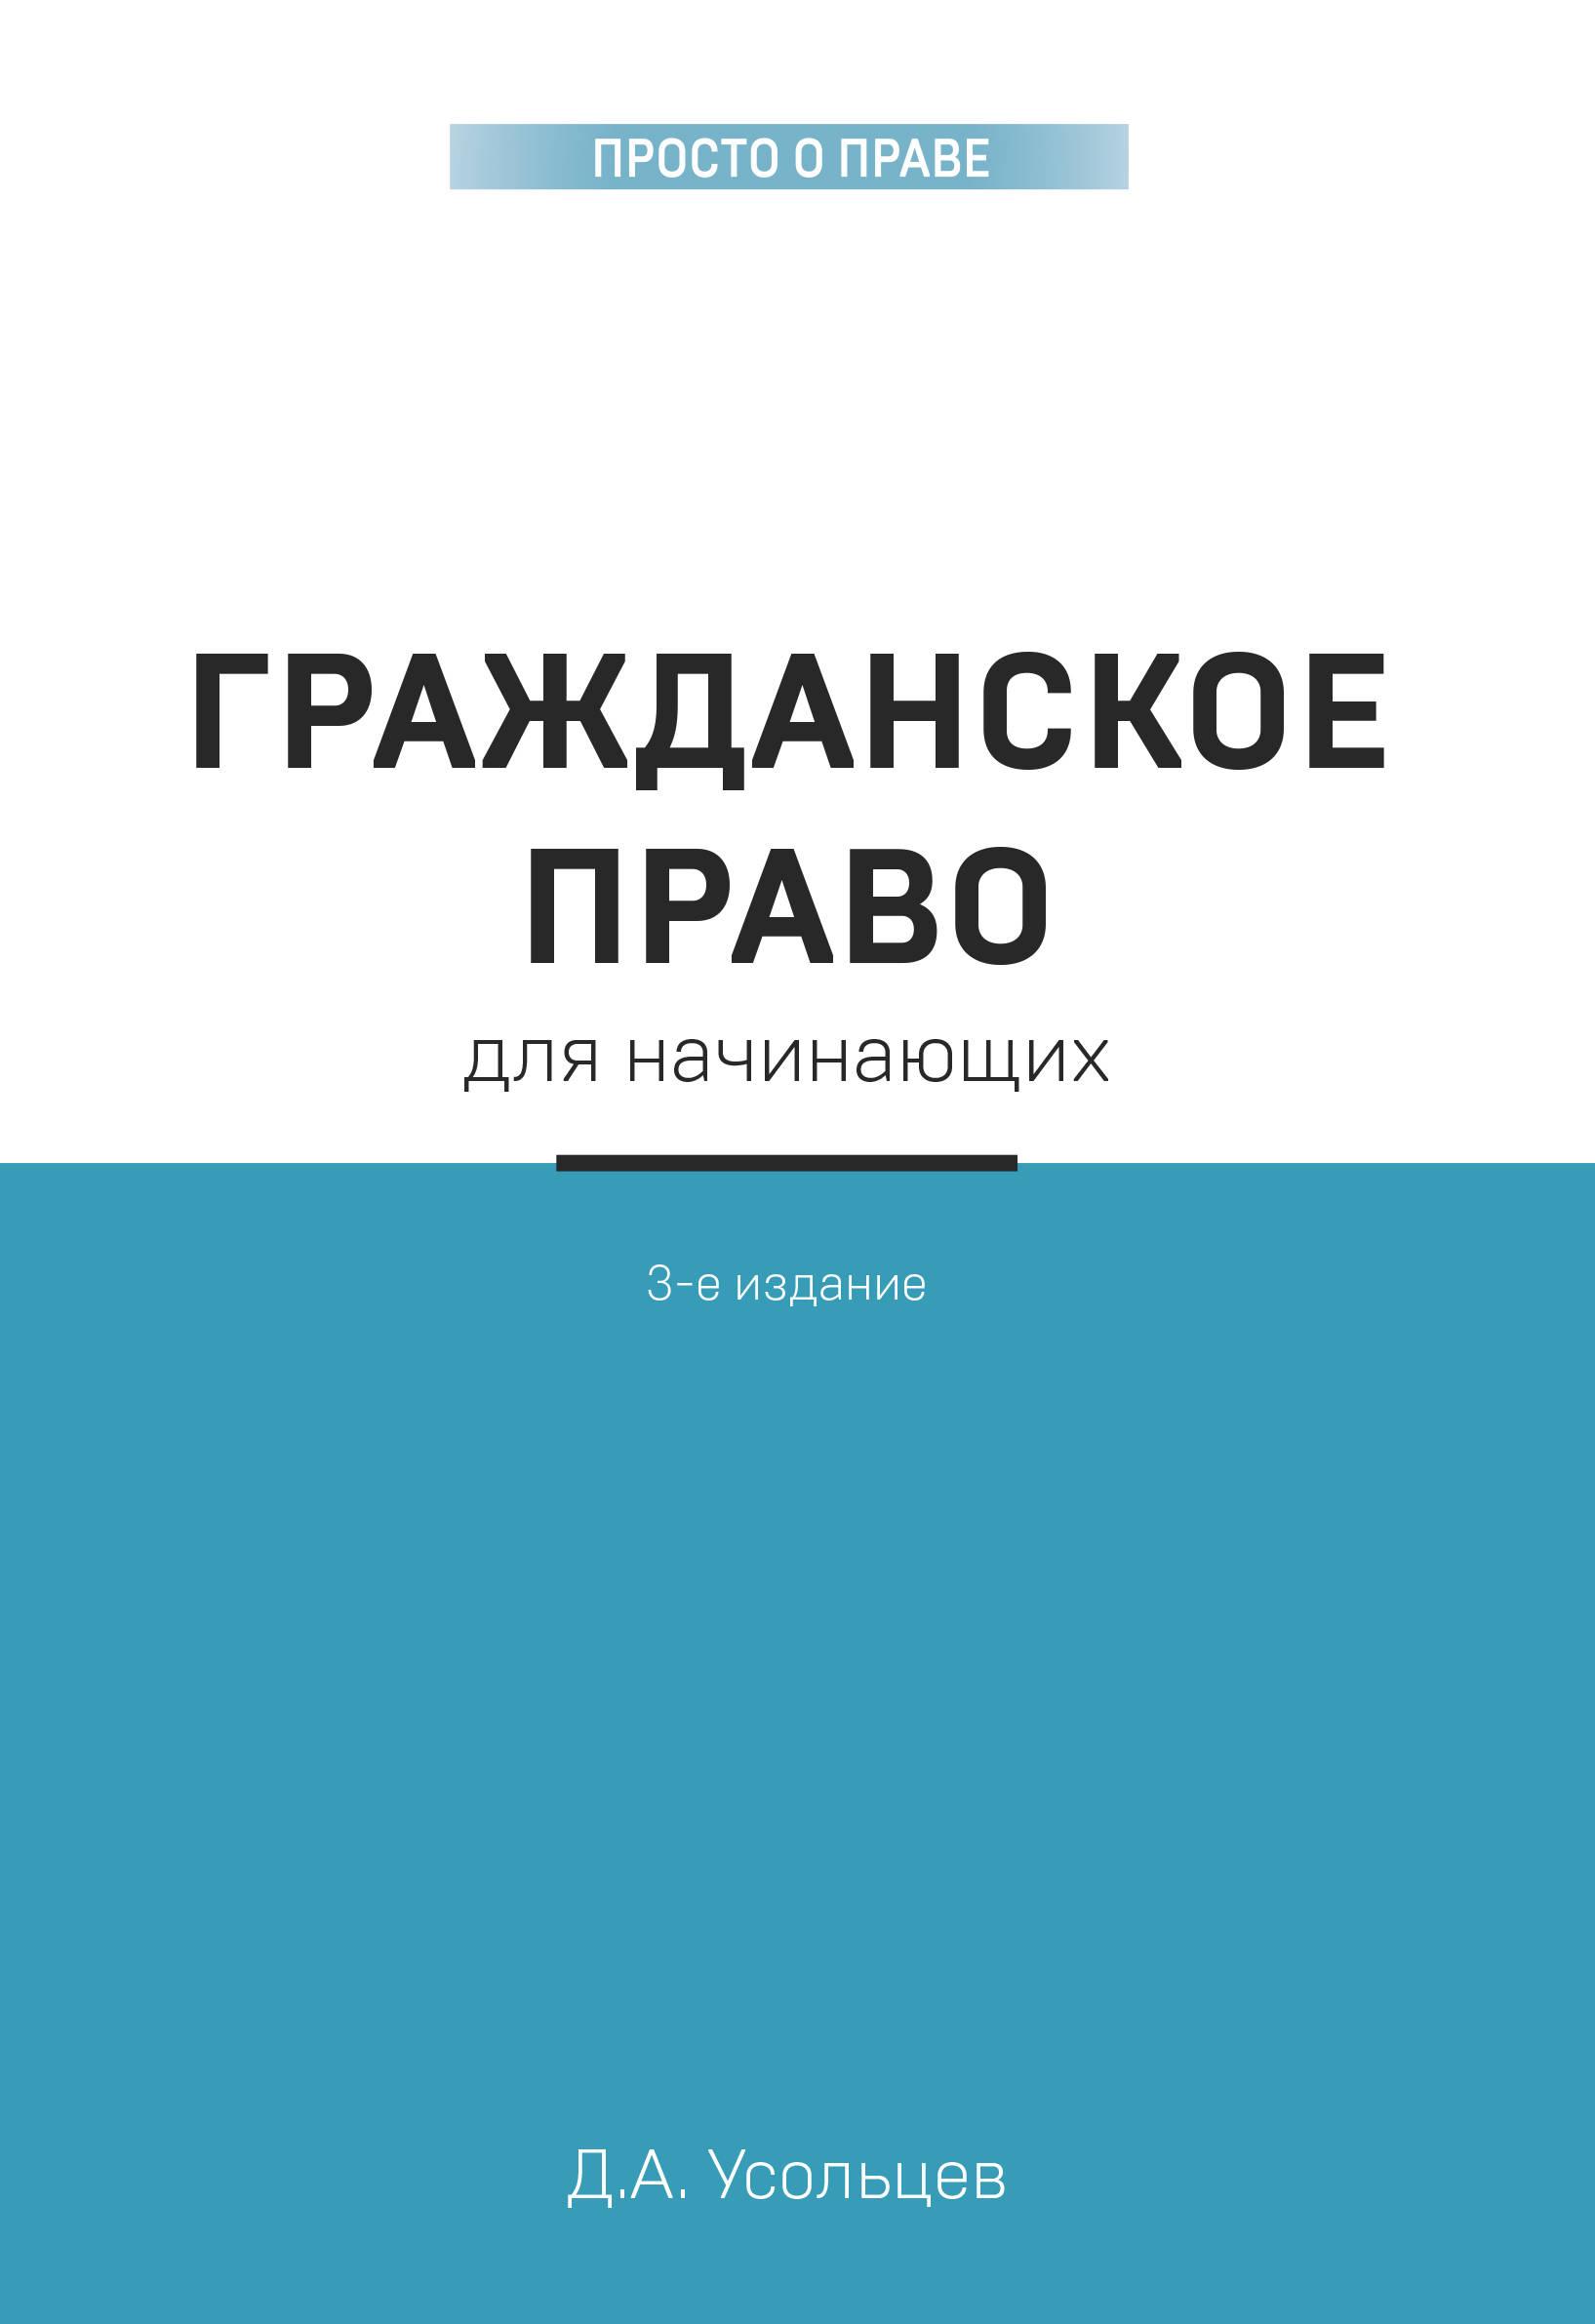 Grazhdanskoe pravo dlja nachinajuschikh. 3-e izdanie